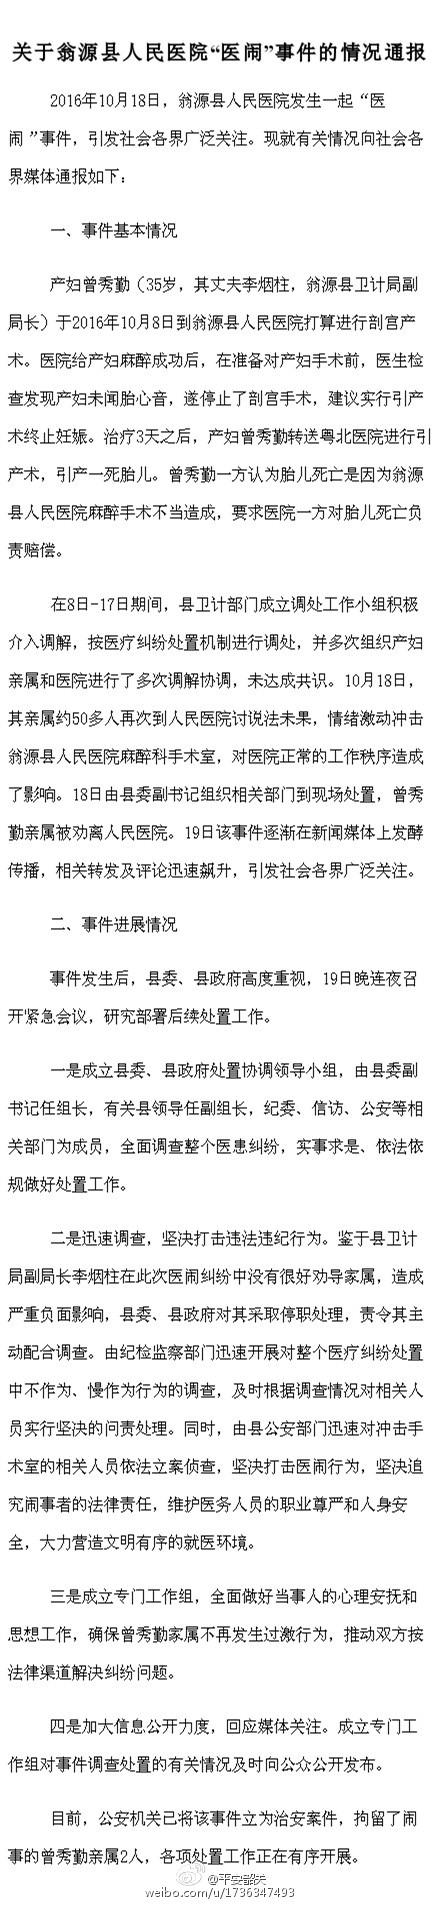 翁源卫计局副局长50余亲属冲击手术室 2人被拘